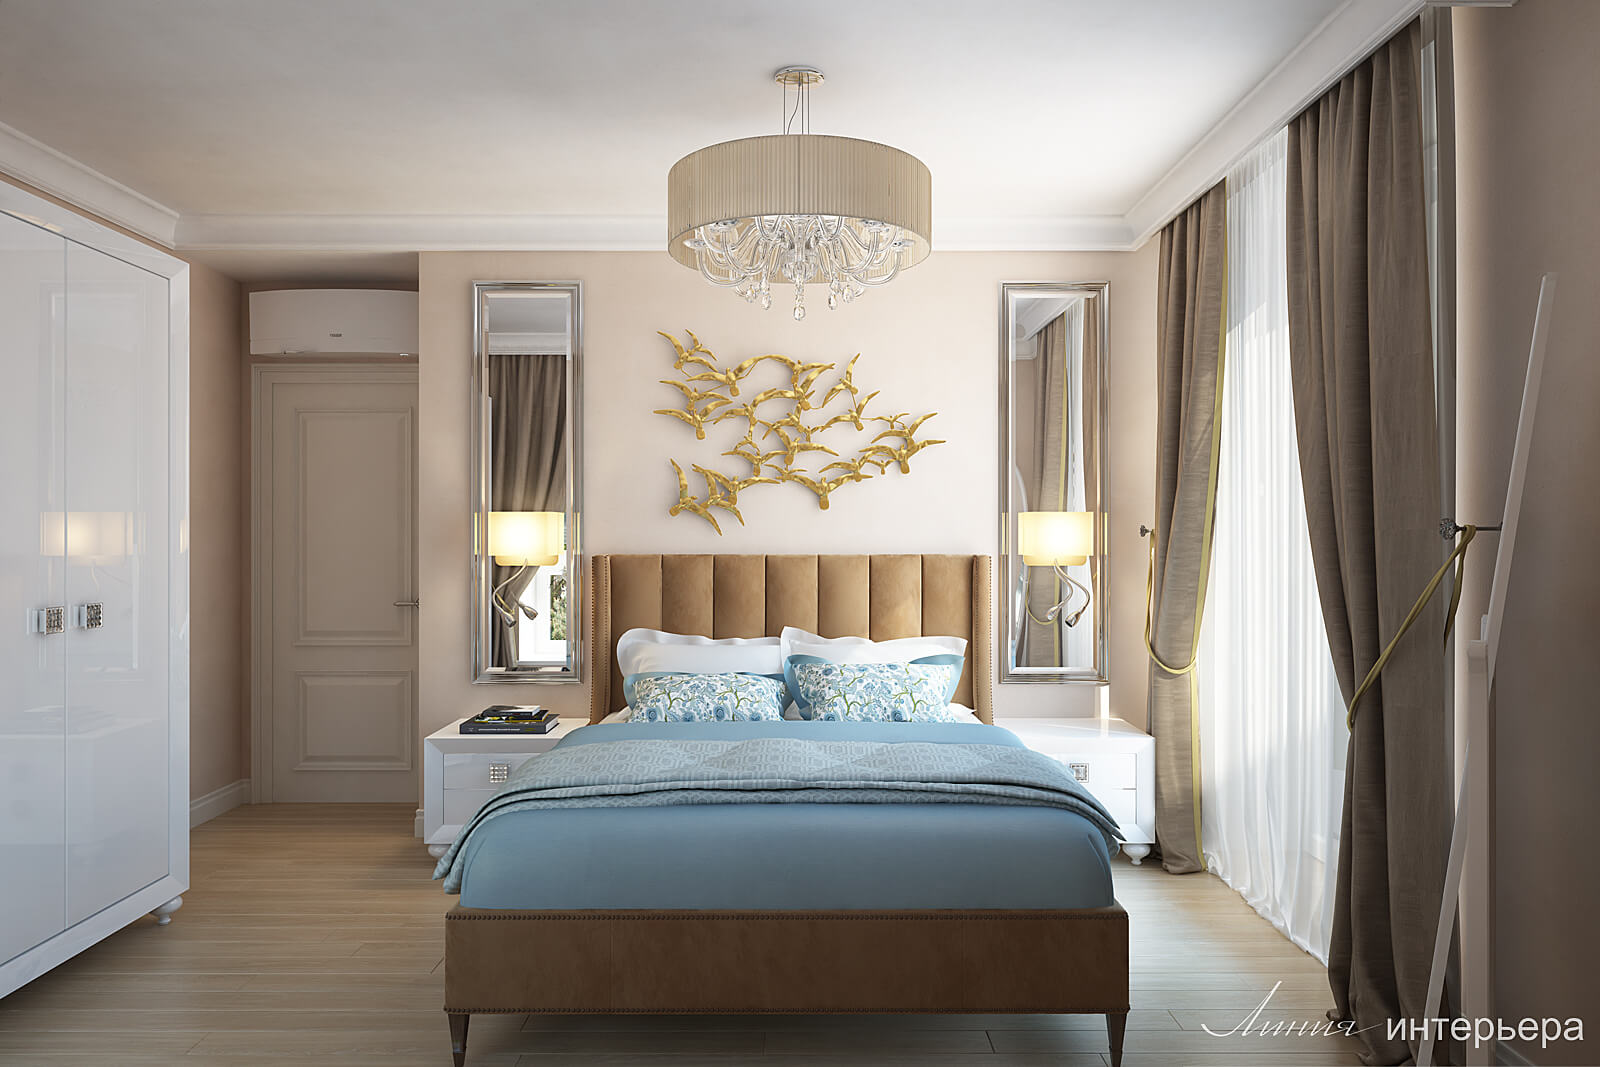 Thiết kế phòng ngủ tân cổ điển 5